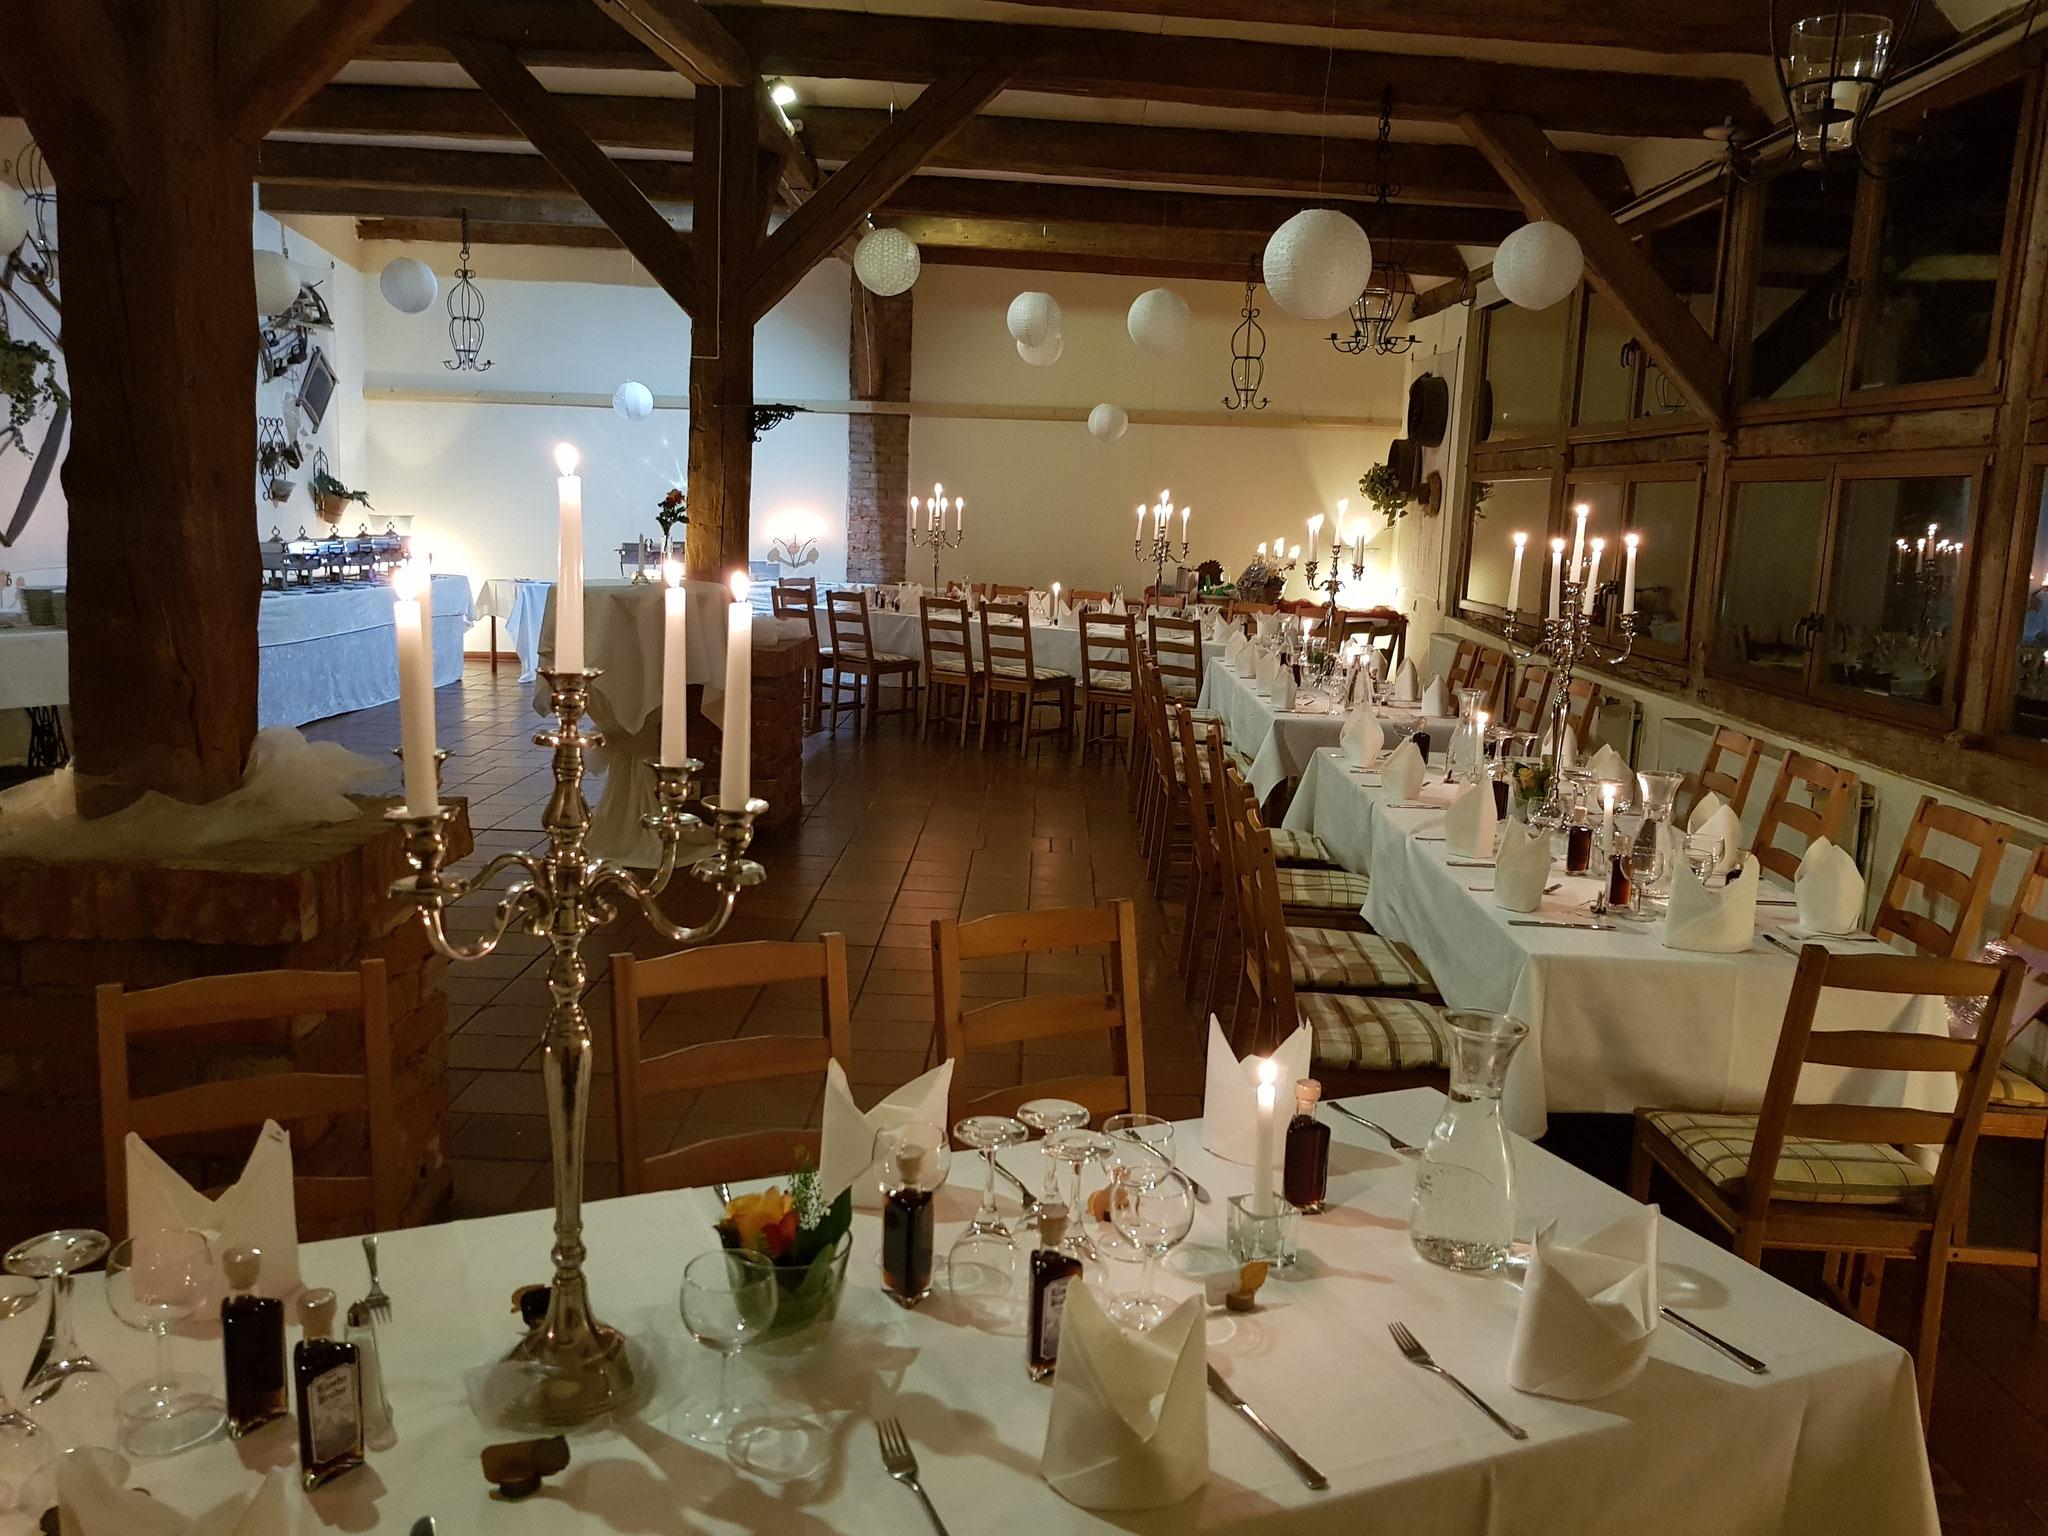 Festlichen Tafel Hotel Alte Försterei Kloster Zinna